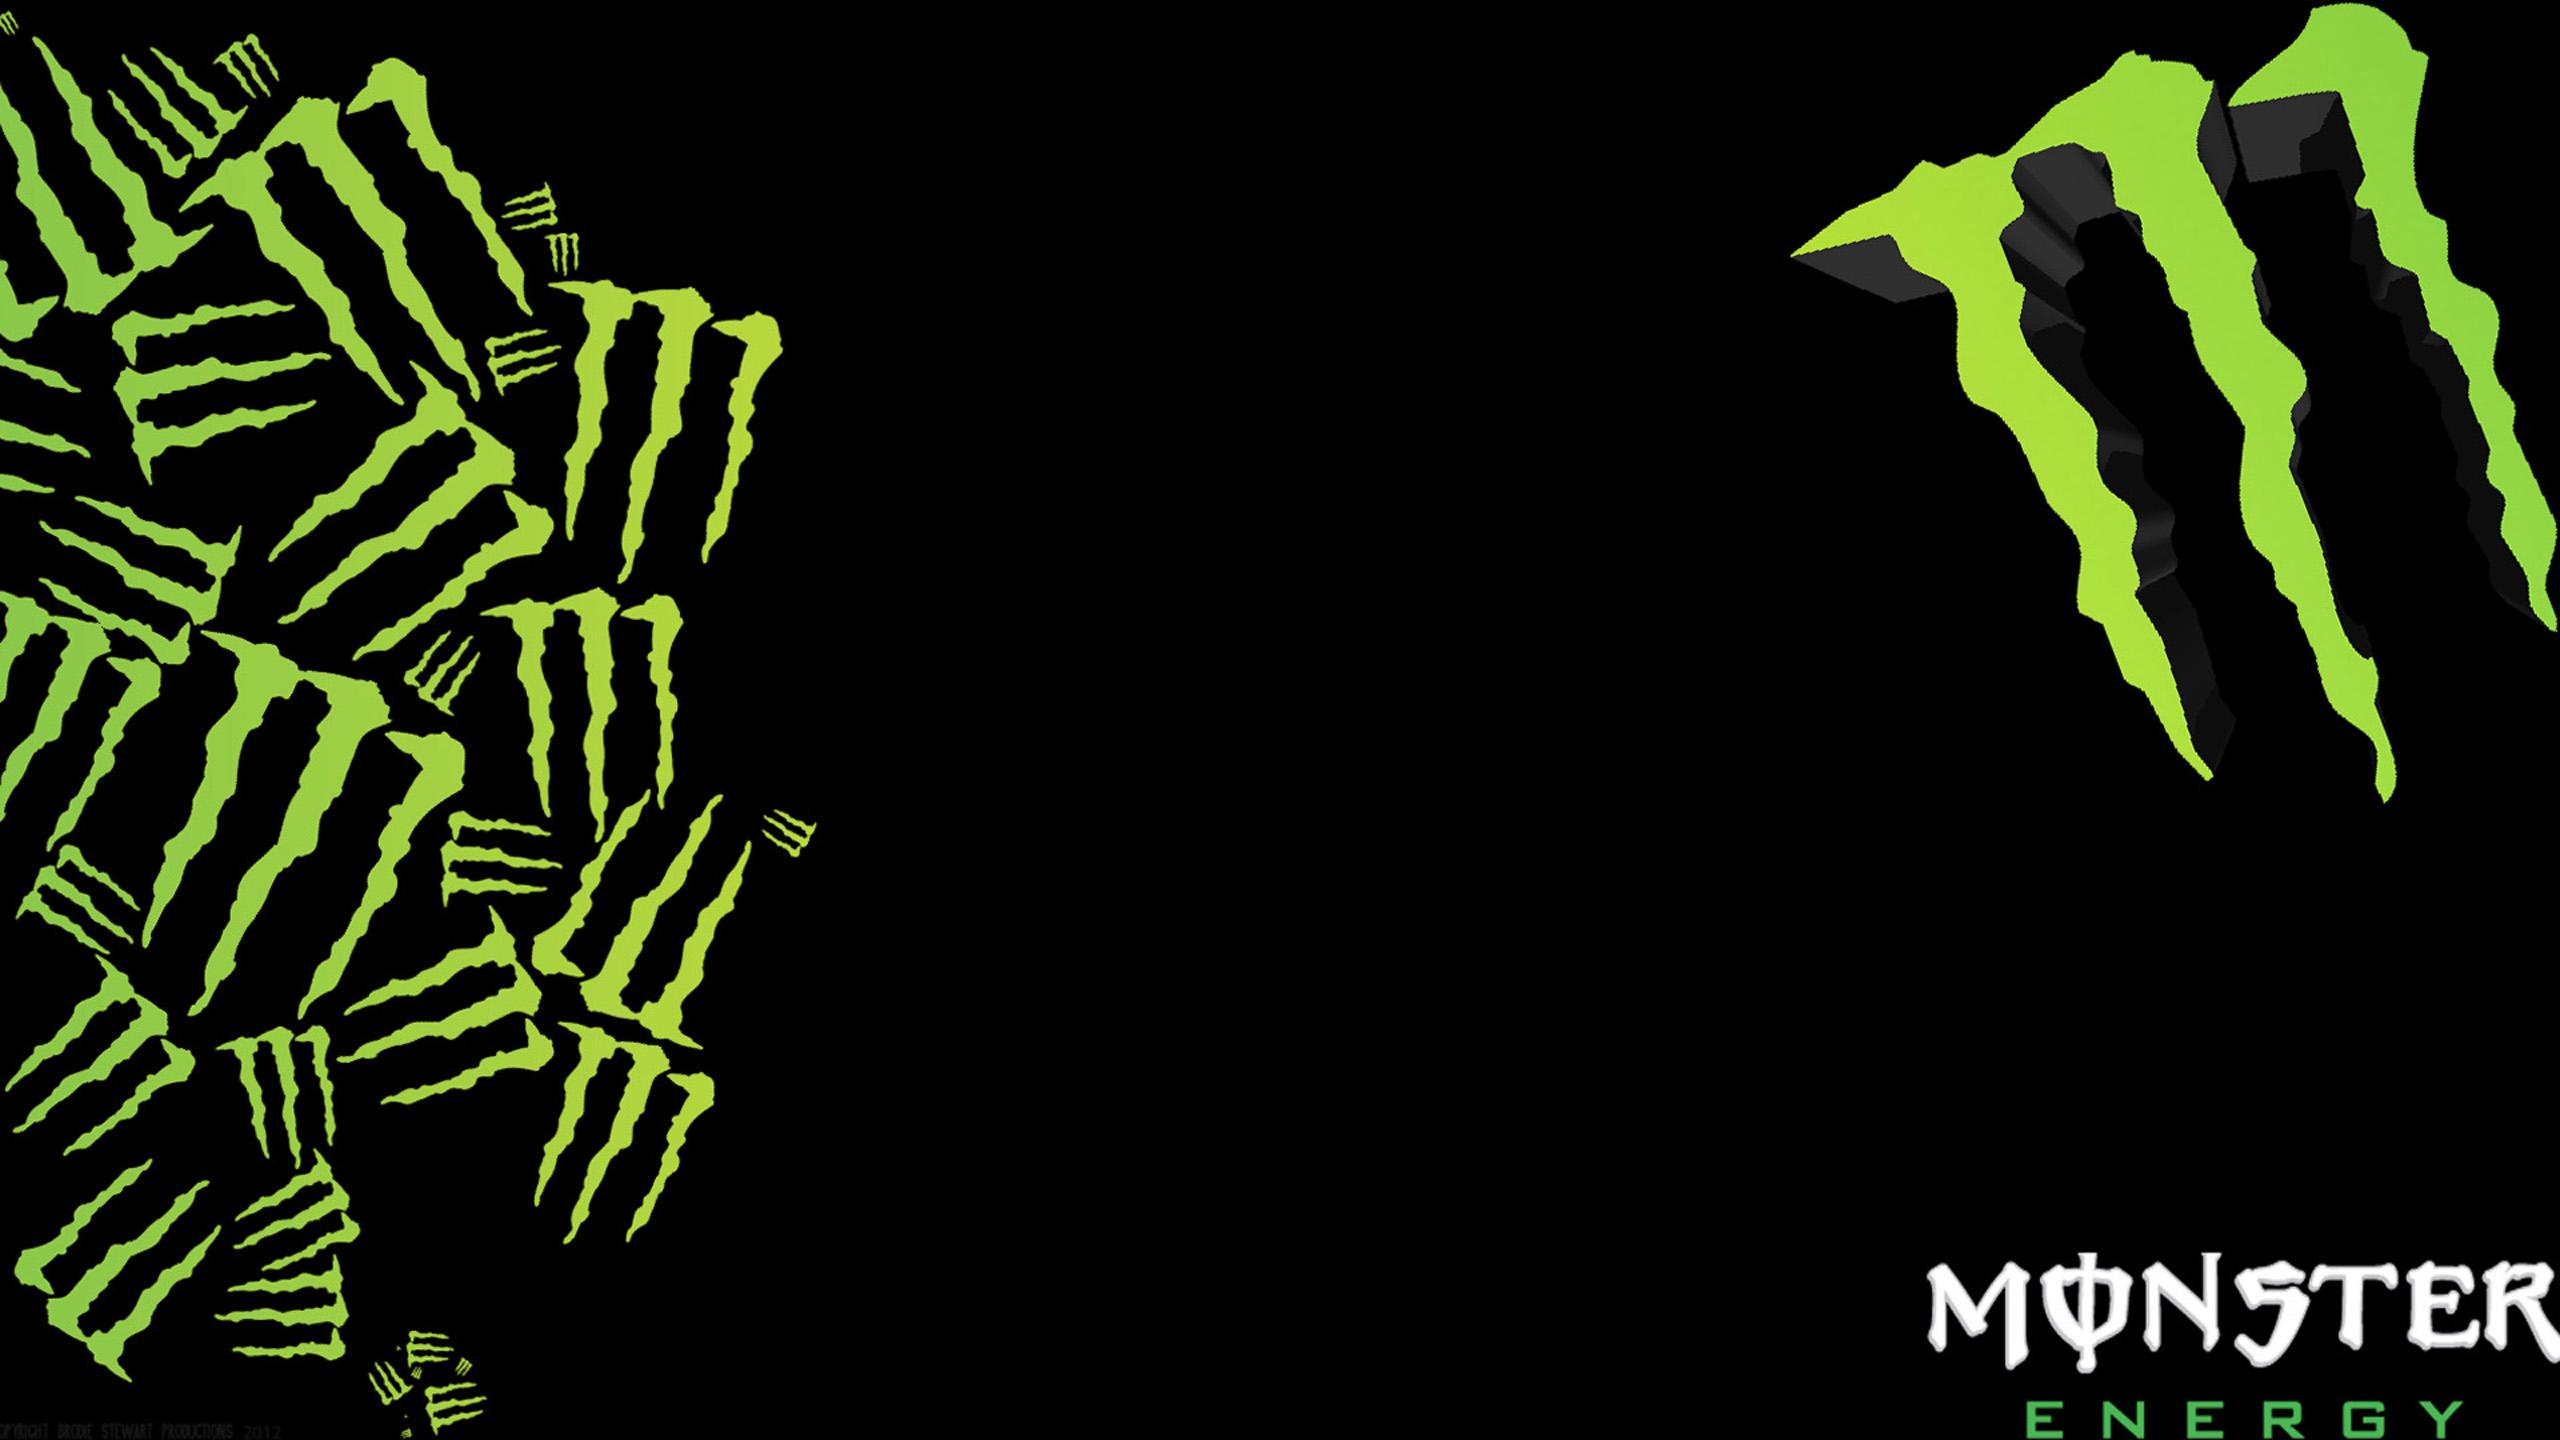 Rockstar Energy Wallpaper For Iphone Wallpaper Logo Monster Clipart Best